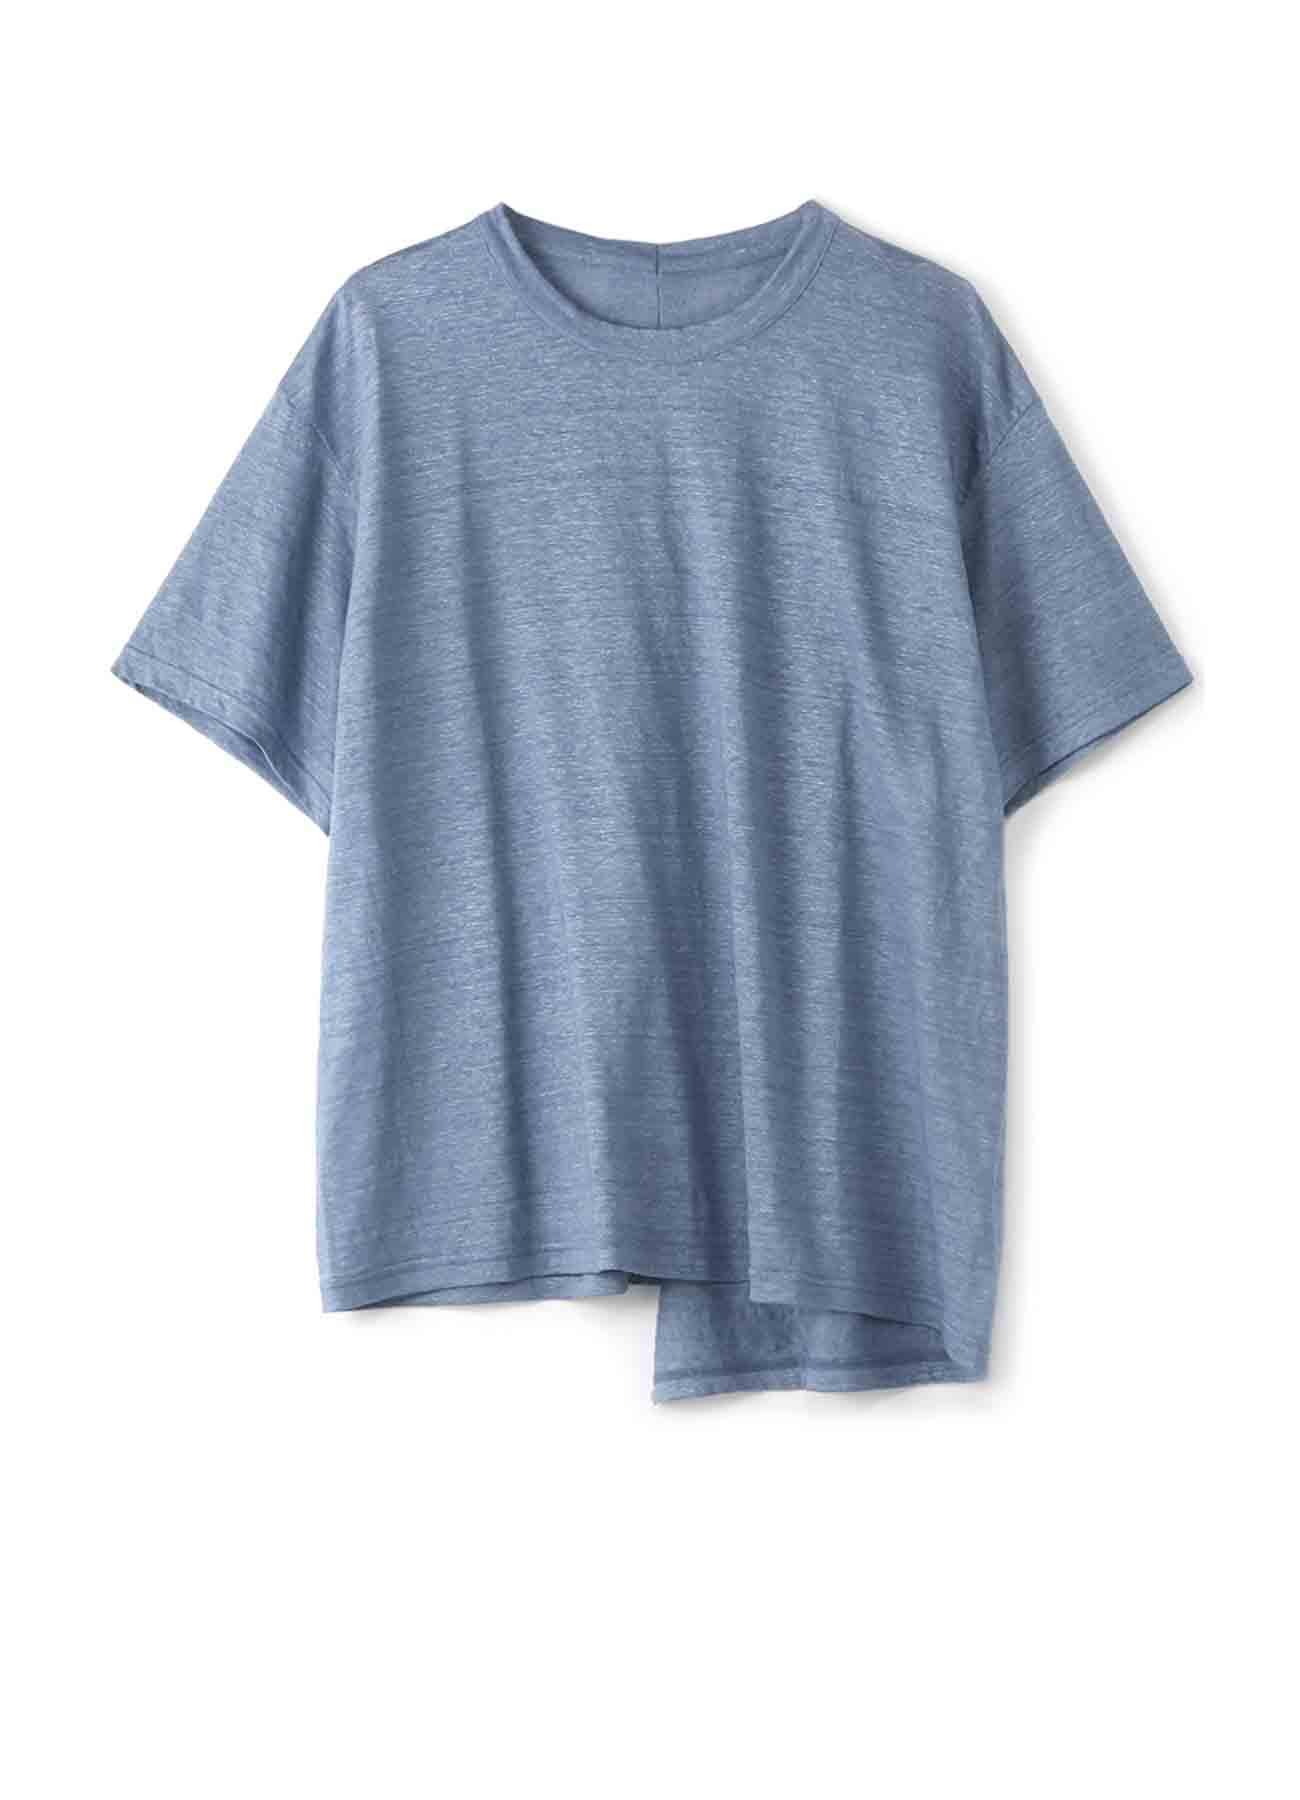 靛蓝色亚麻布Tachikiri短袖T恤